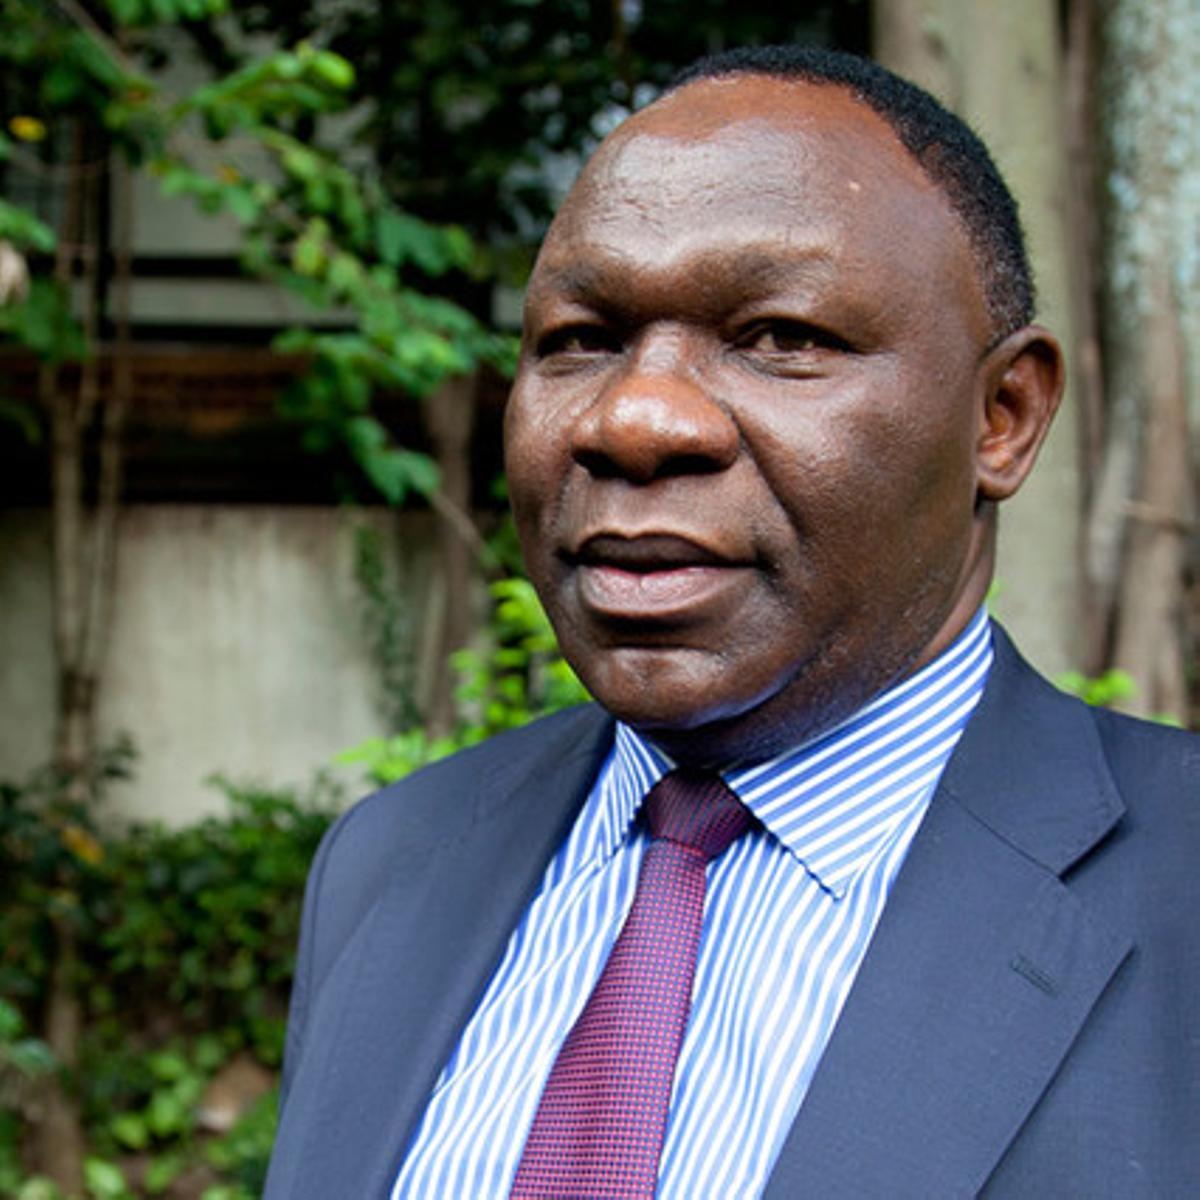 Bitange Ndemo, ex-secretario permanente para las comunicaciones en Kenia